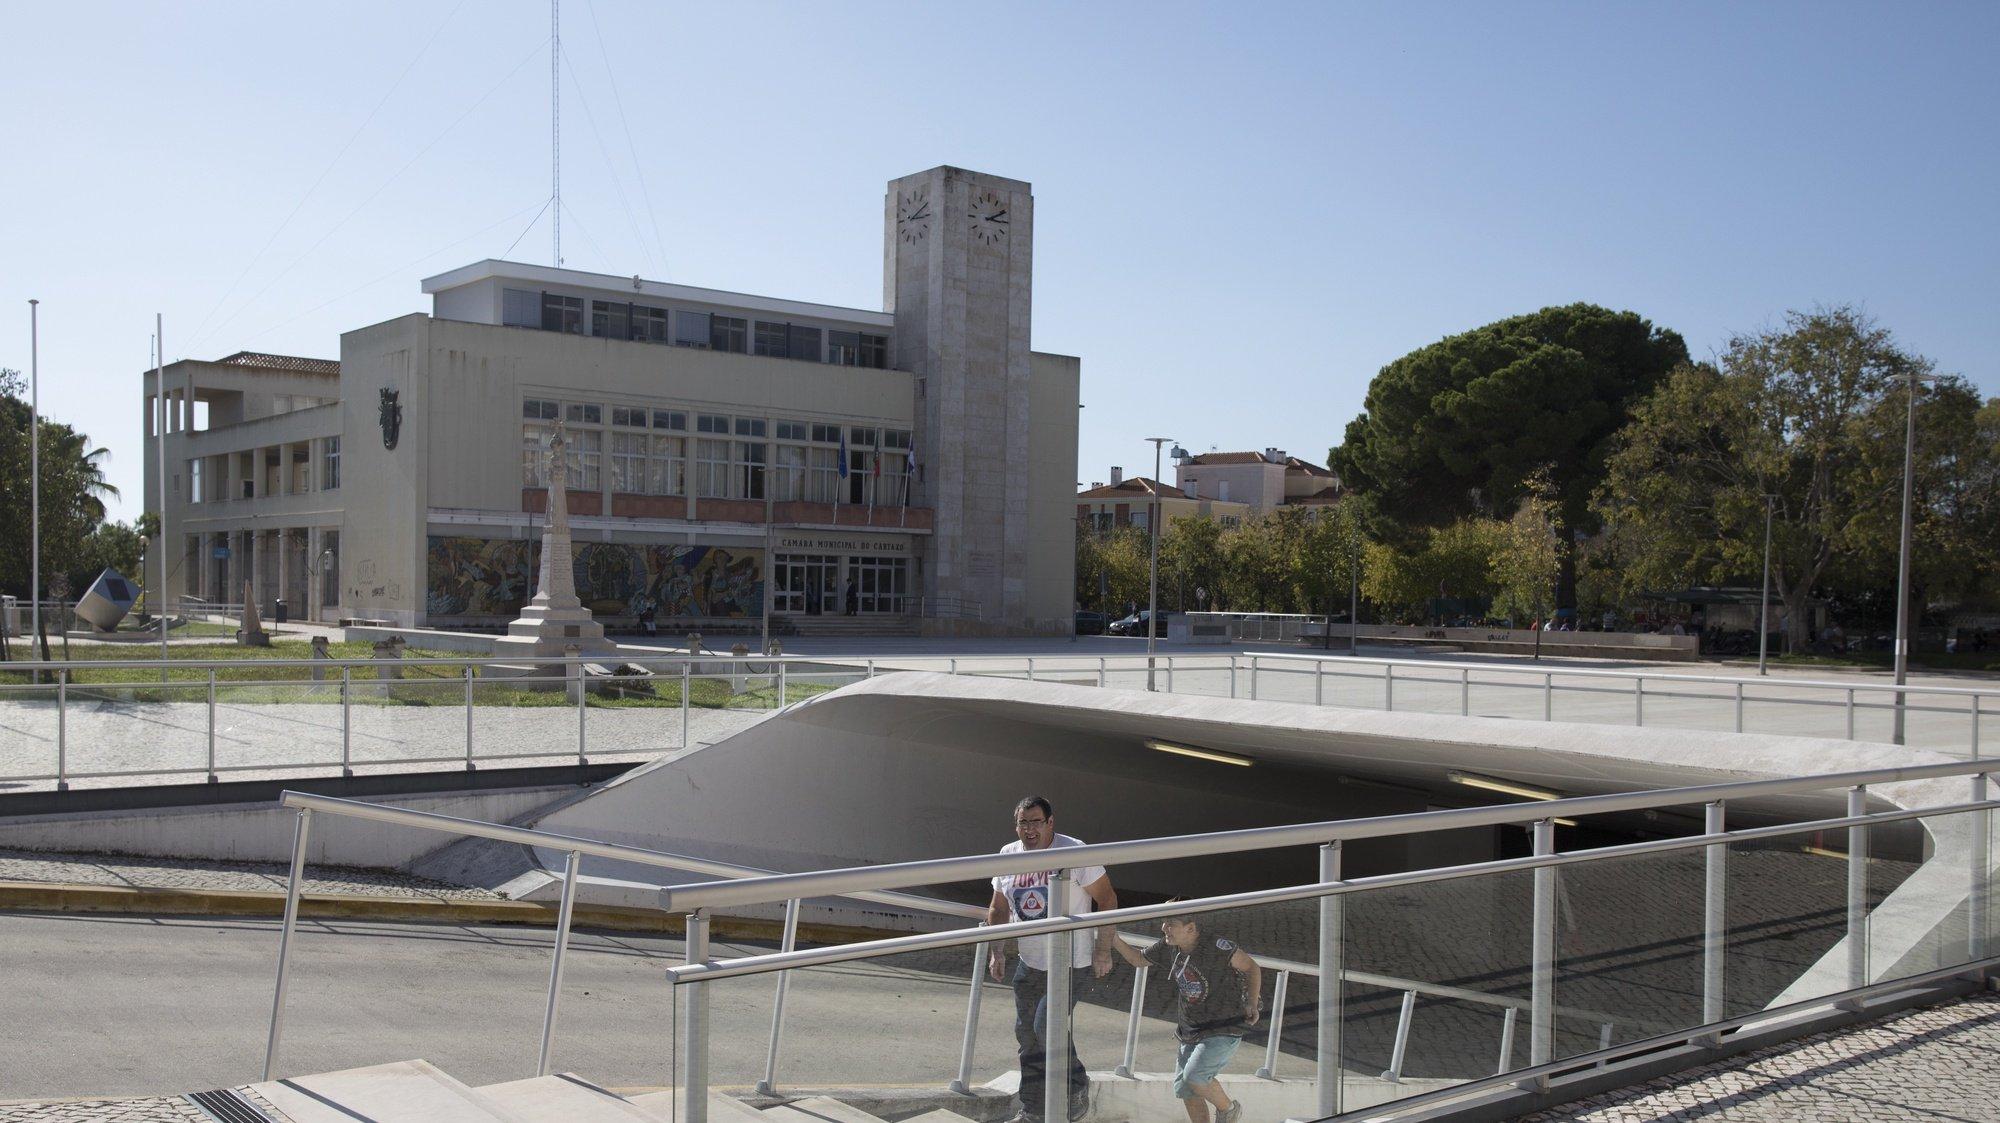 Parque de estacionamento subterrâneo e edifício da Câmara Municipal do Cartaxo, 24 de outubro de 2017. PAULO CUNHA / LUSA